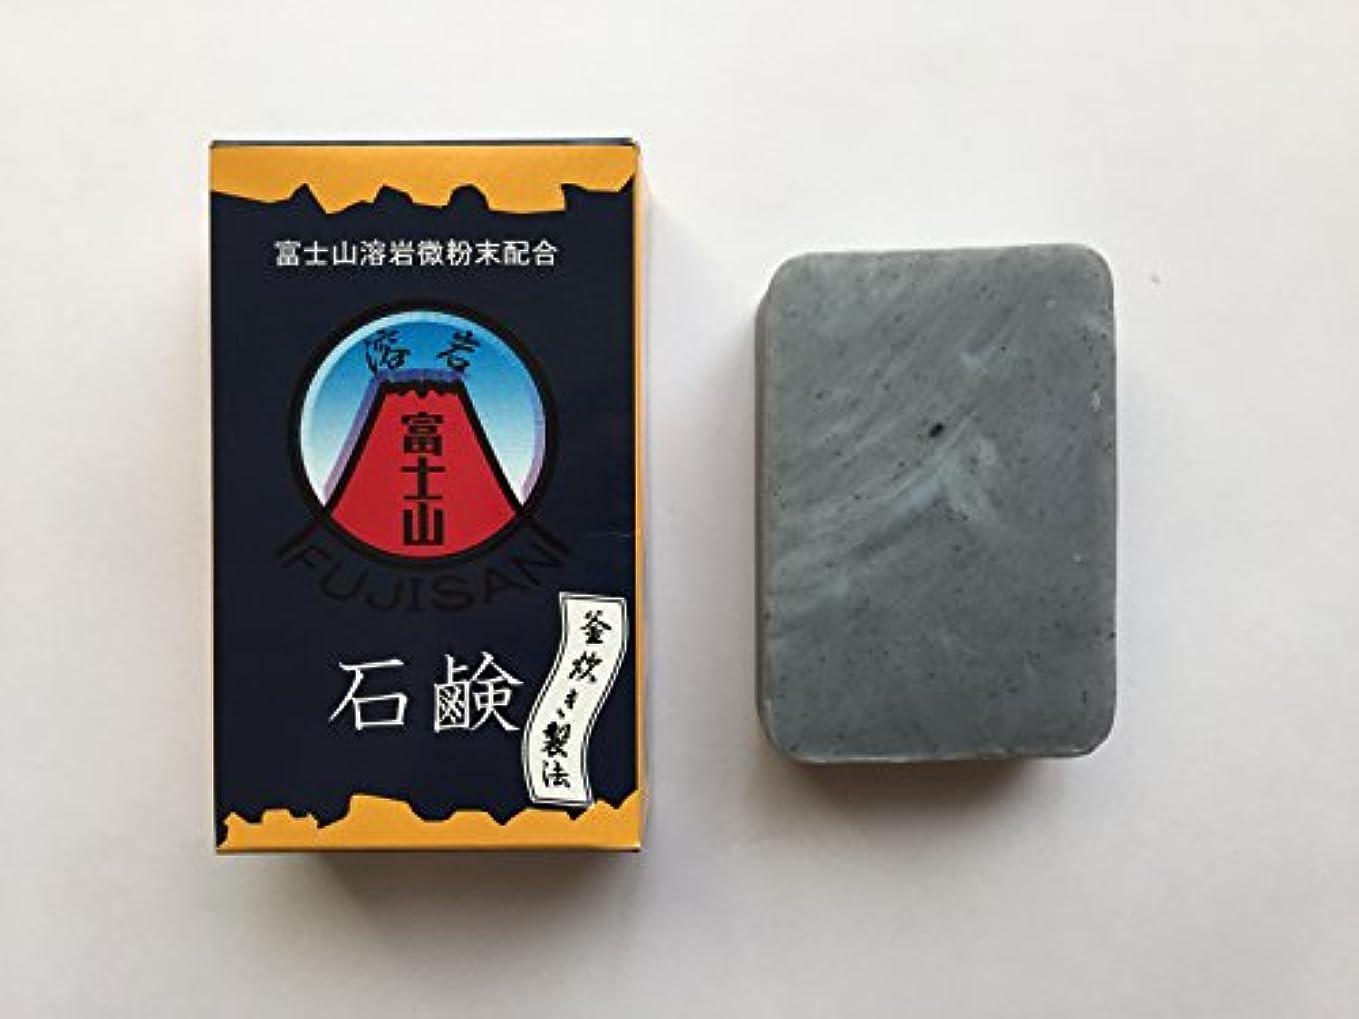 ブラスト実質的に乱れ富士山溶岩石鹸 80g/個×3個セット